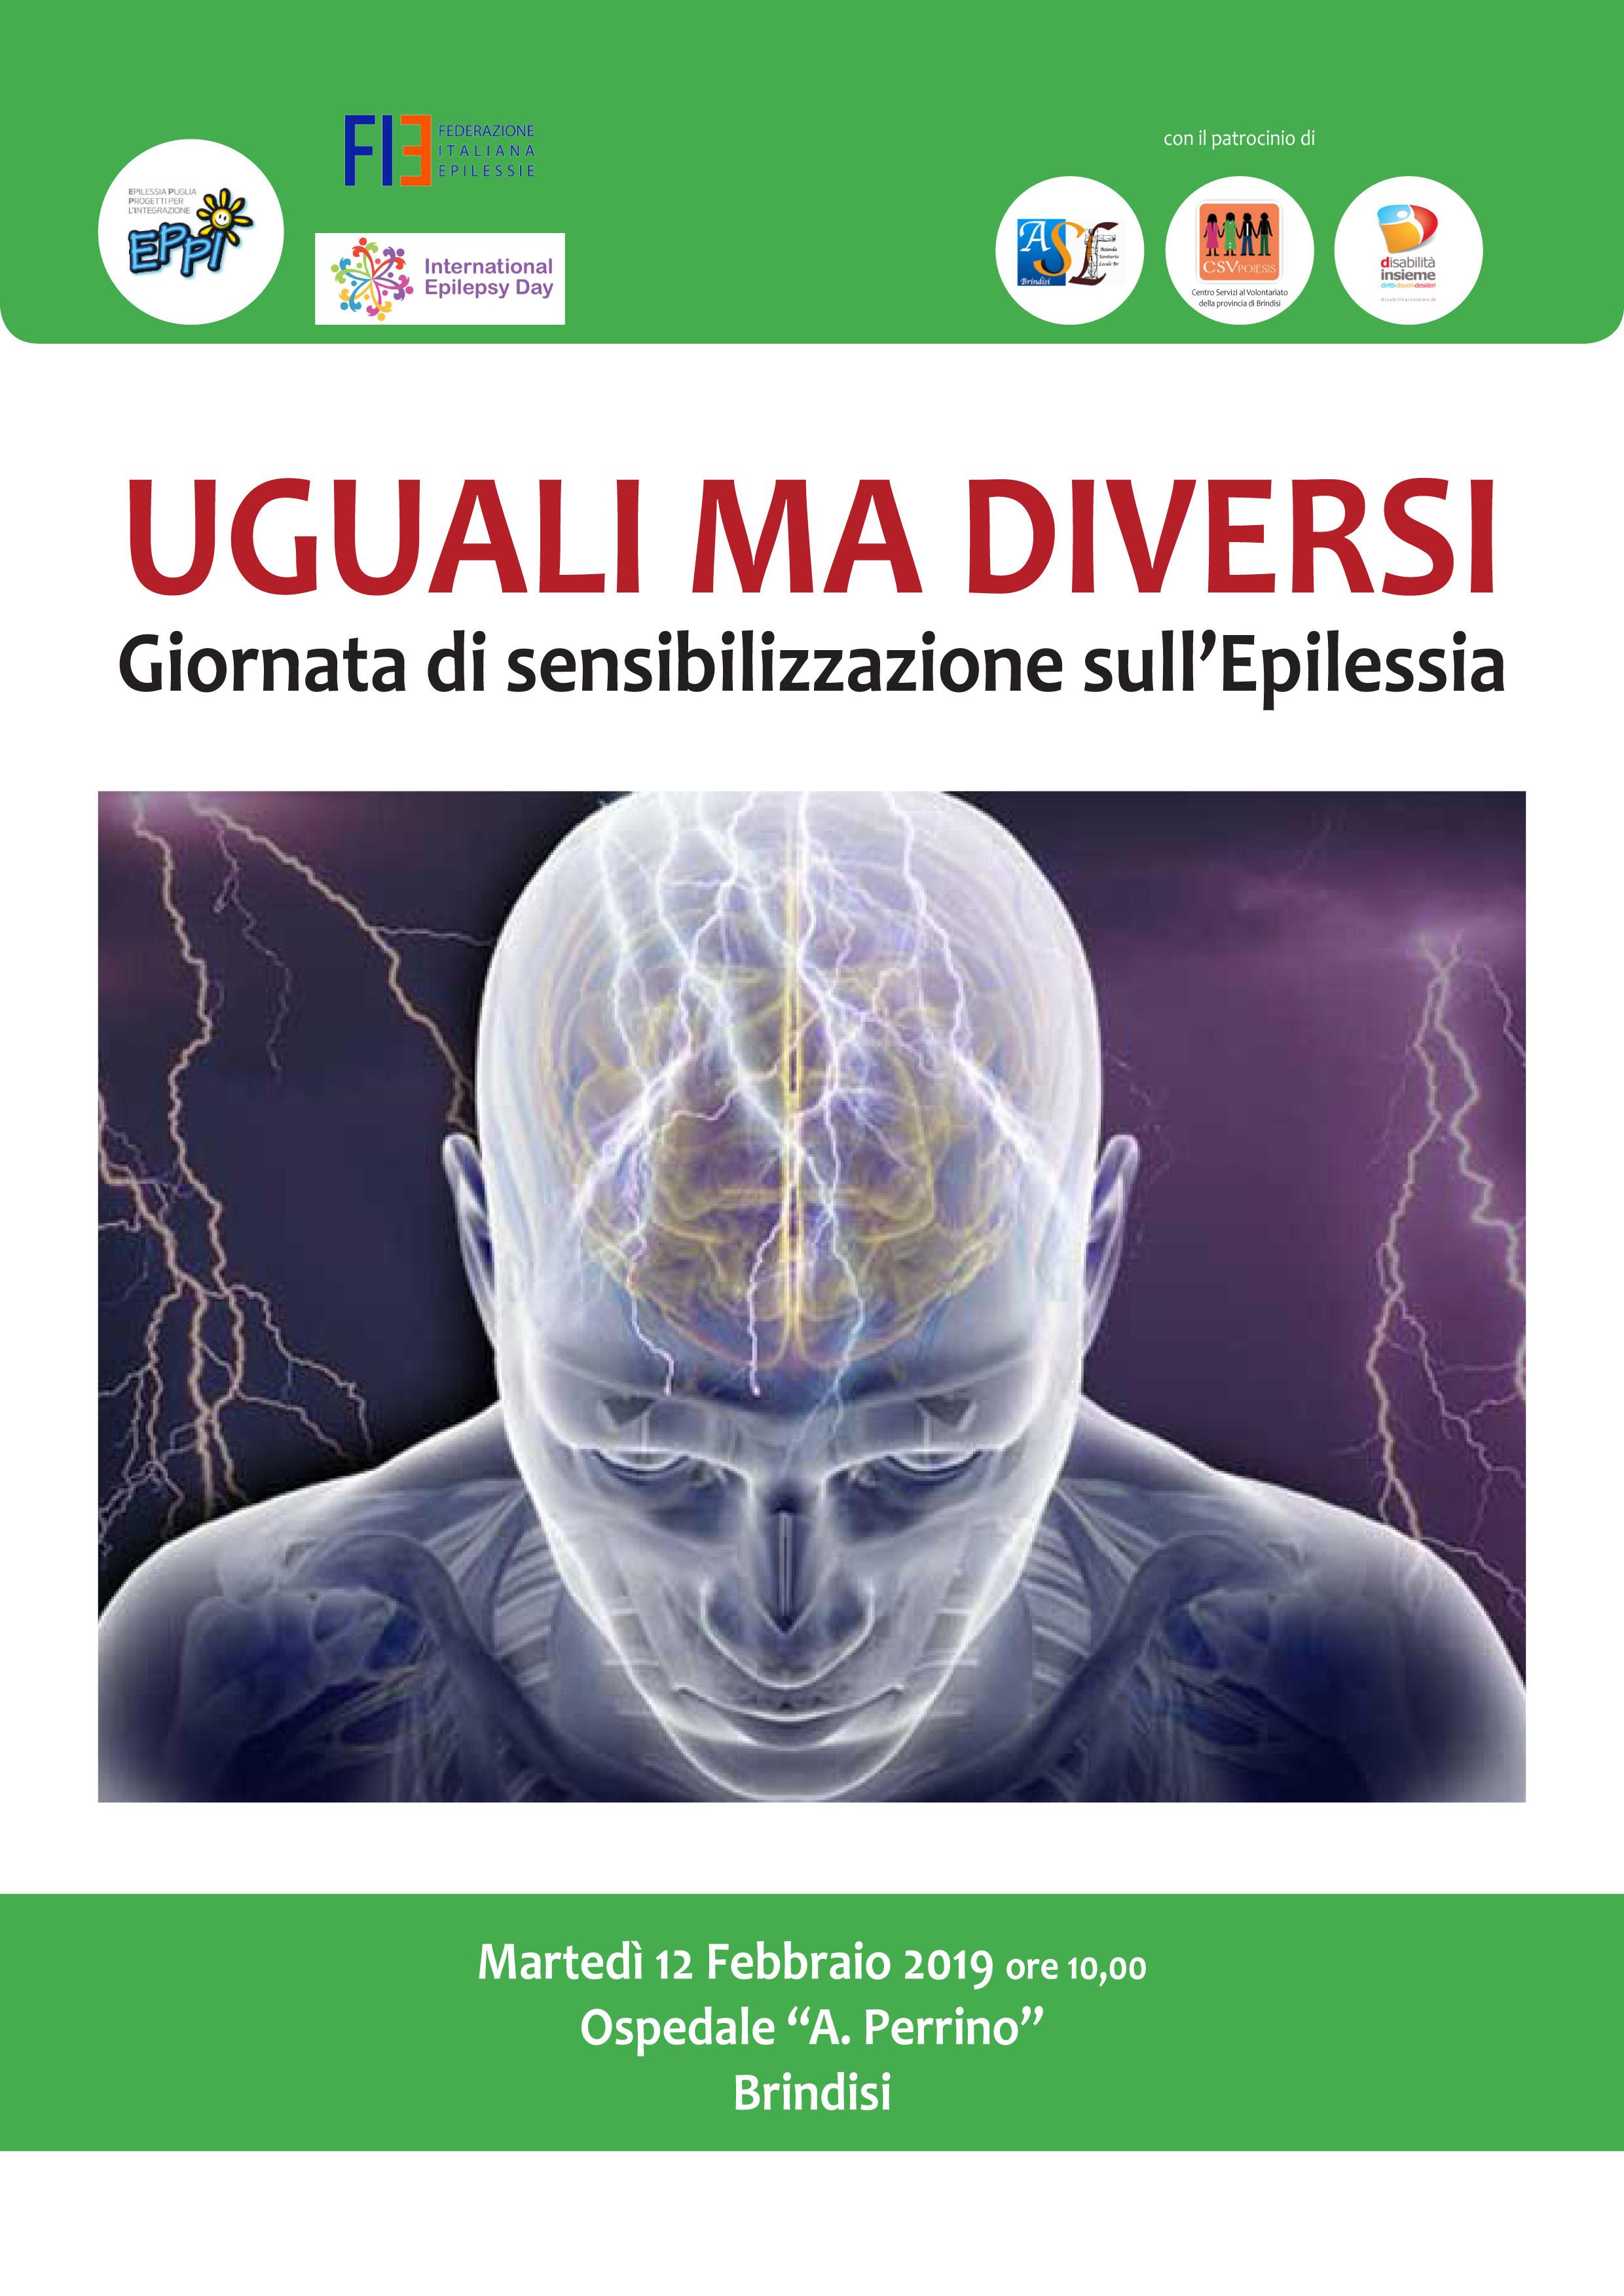 Uguali ma diversi martedi nel perrino uno sportello per l epilessia - Diversi ma uguali ...